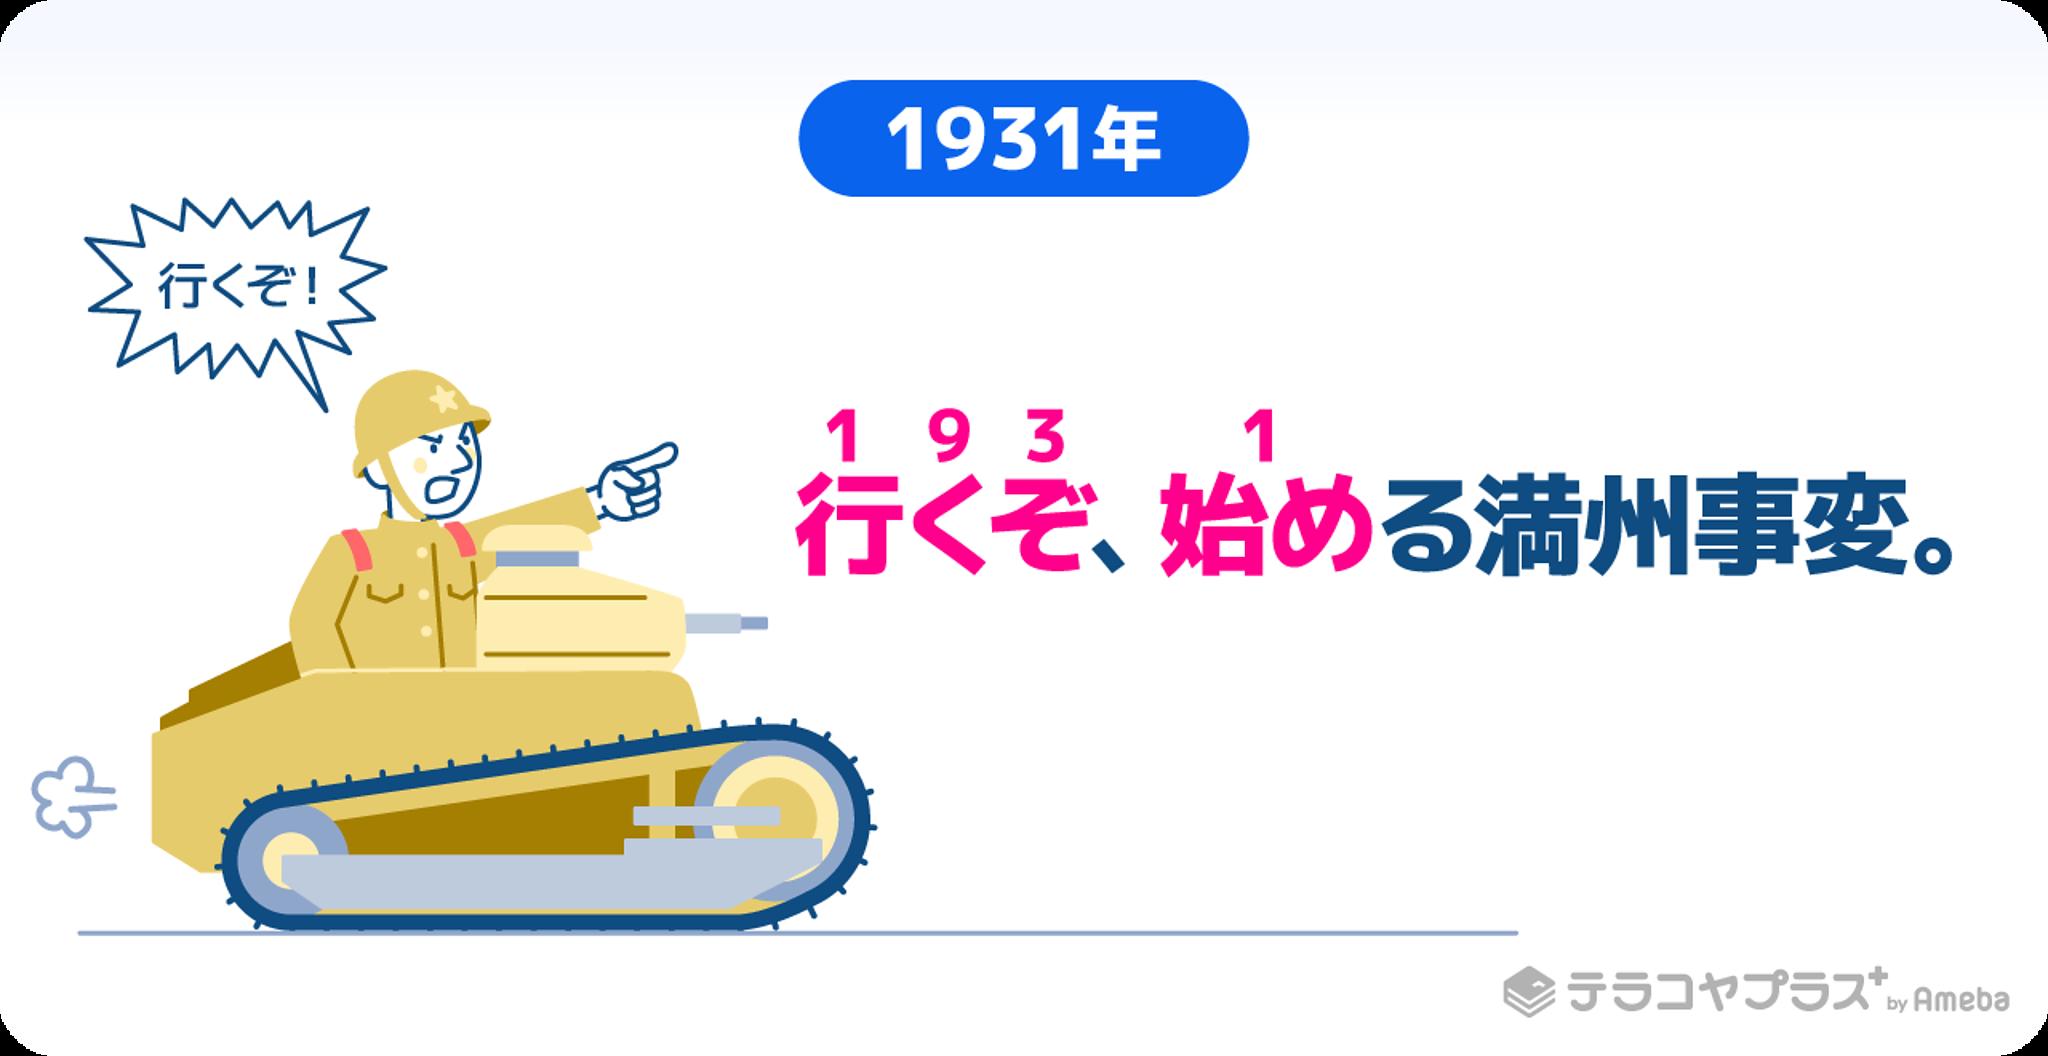 戦車で満州へ向かっているイラスト画像